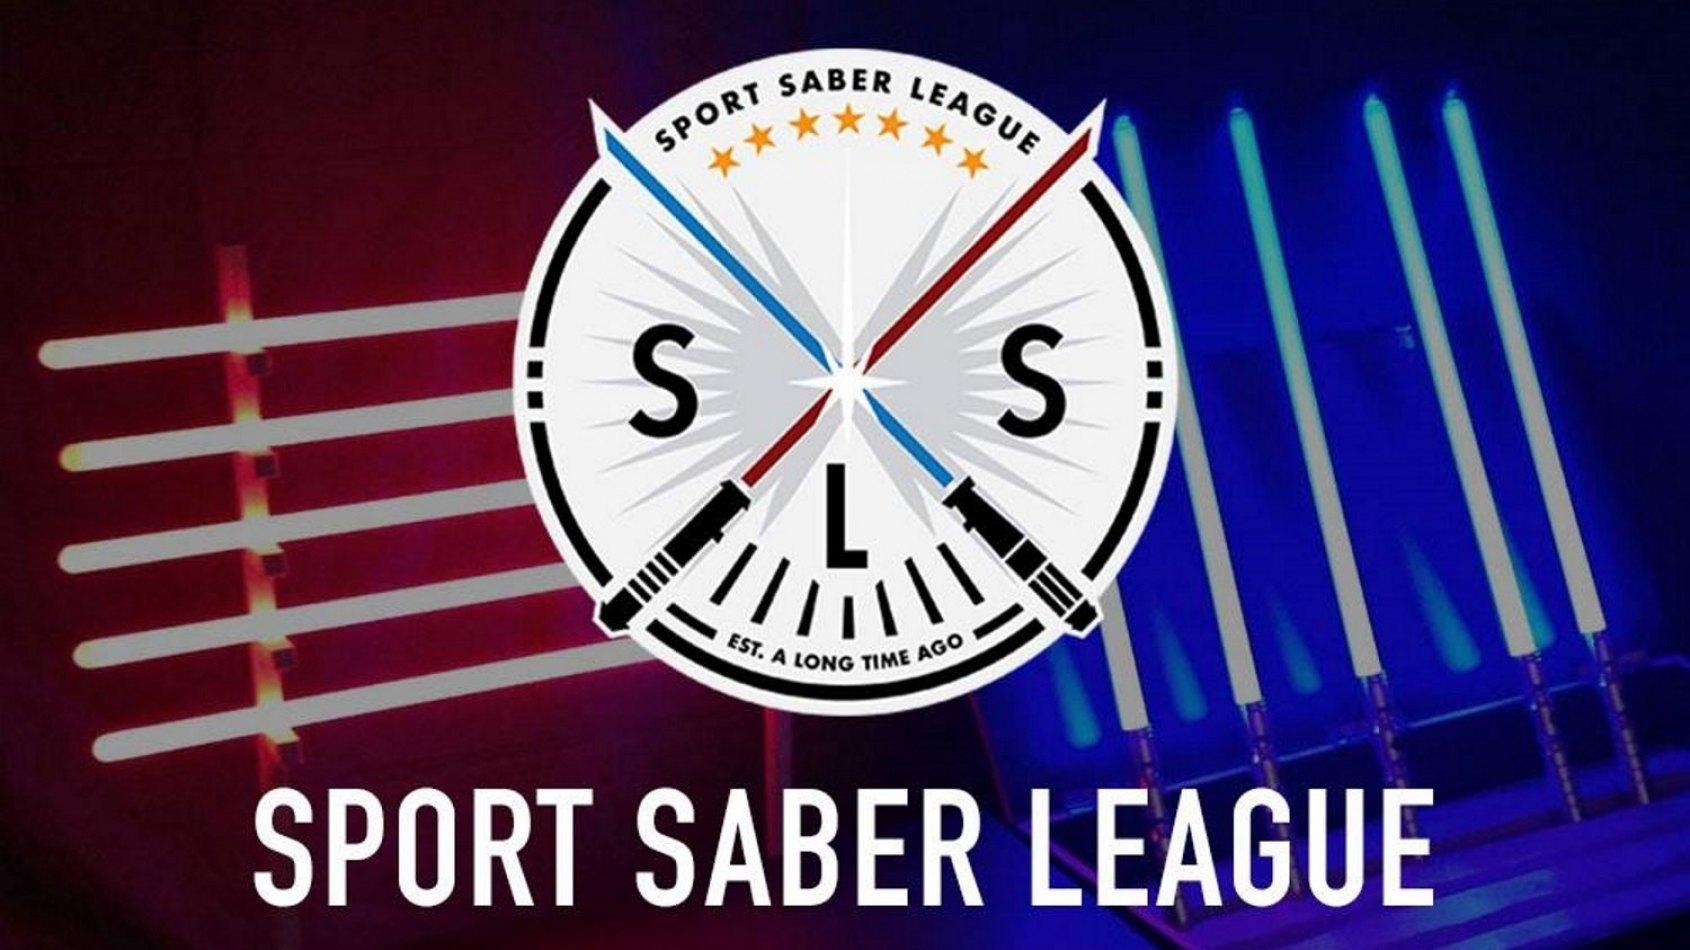 La Sport Saber League ouvre ses portes en Bretagne !